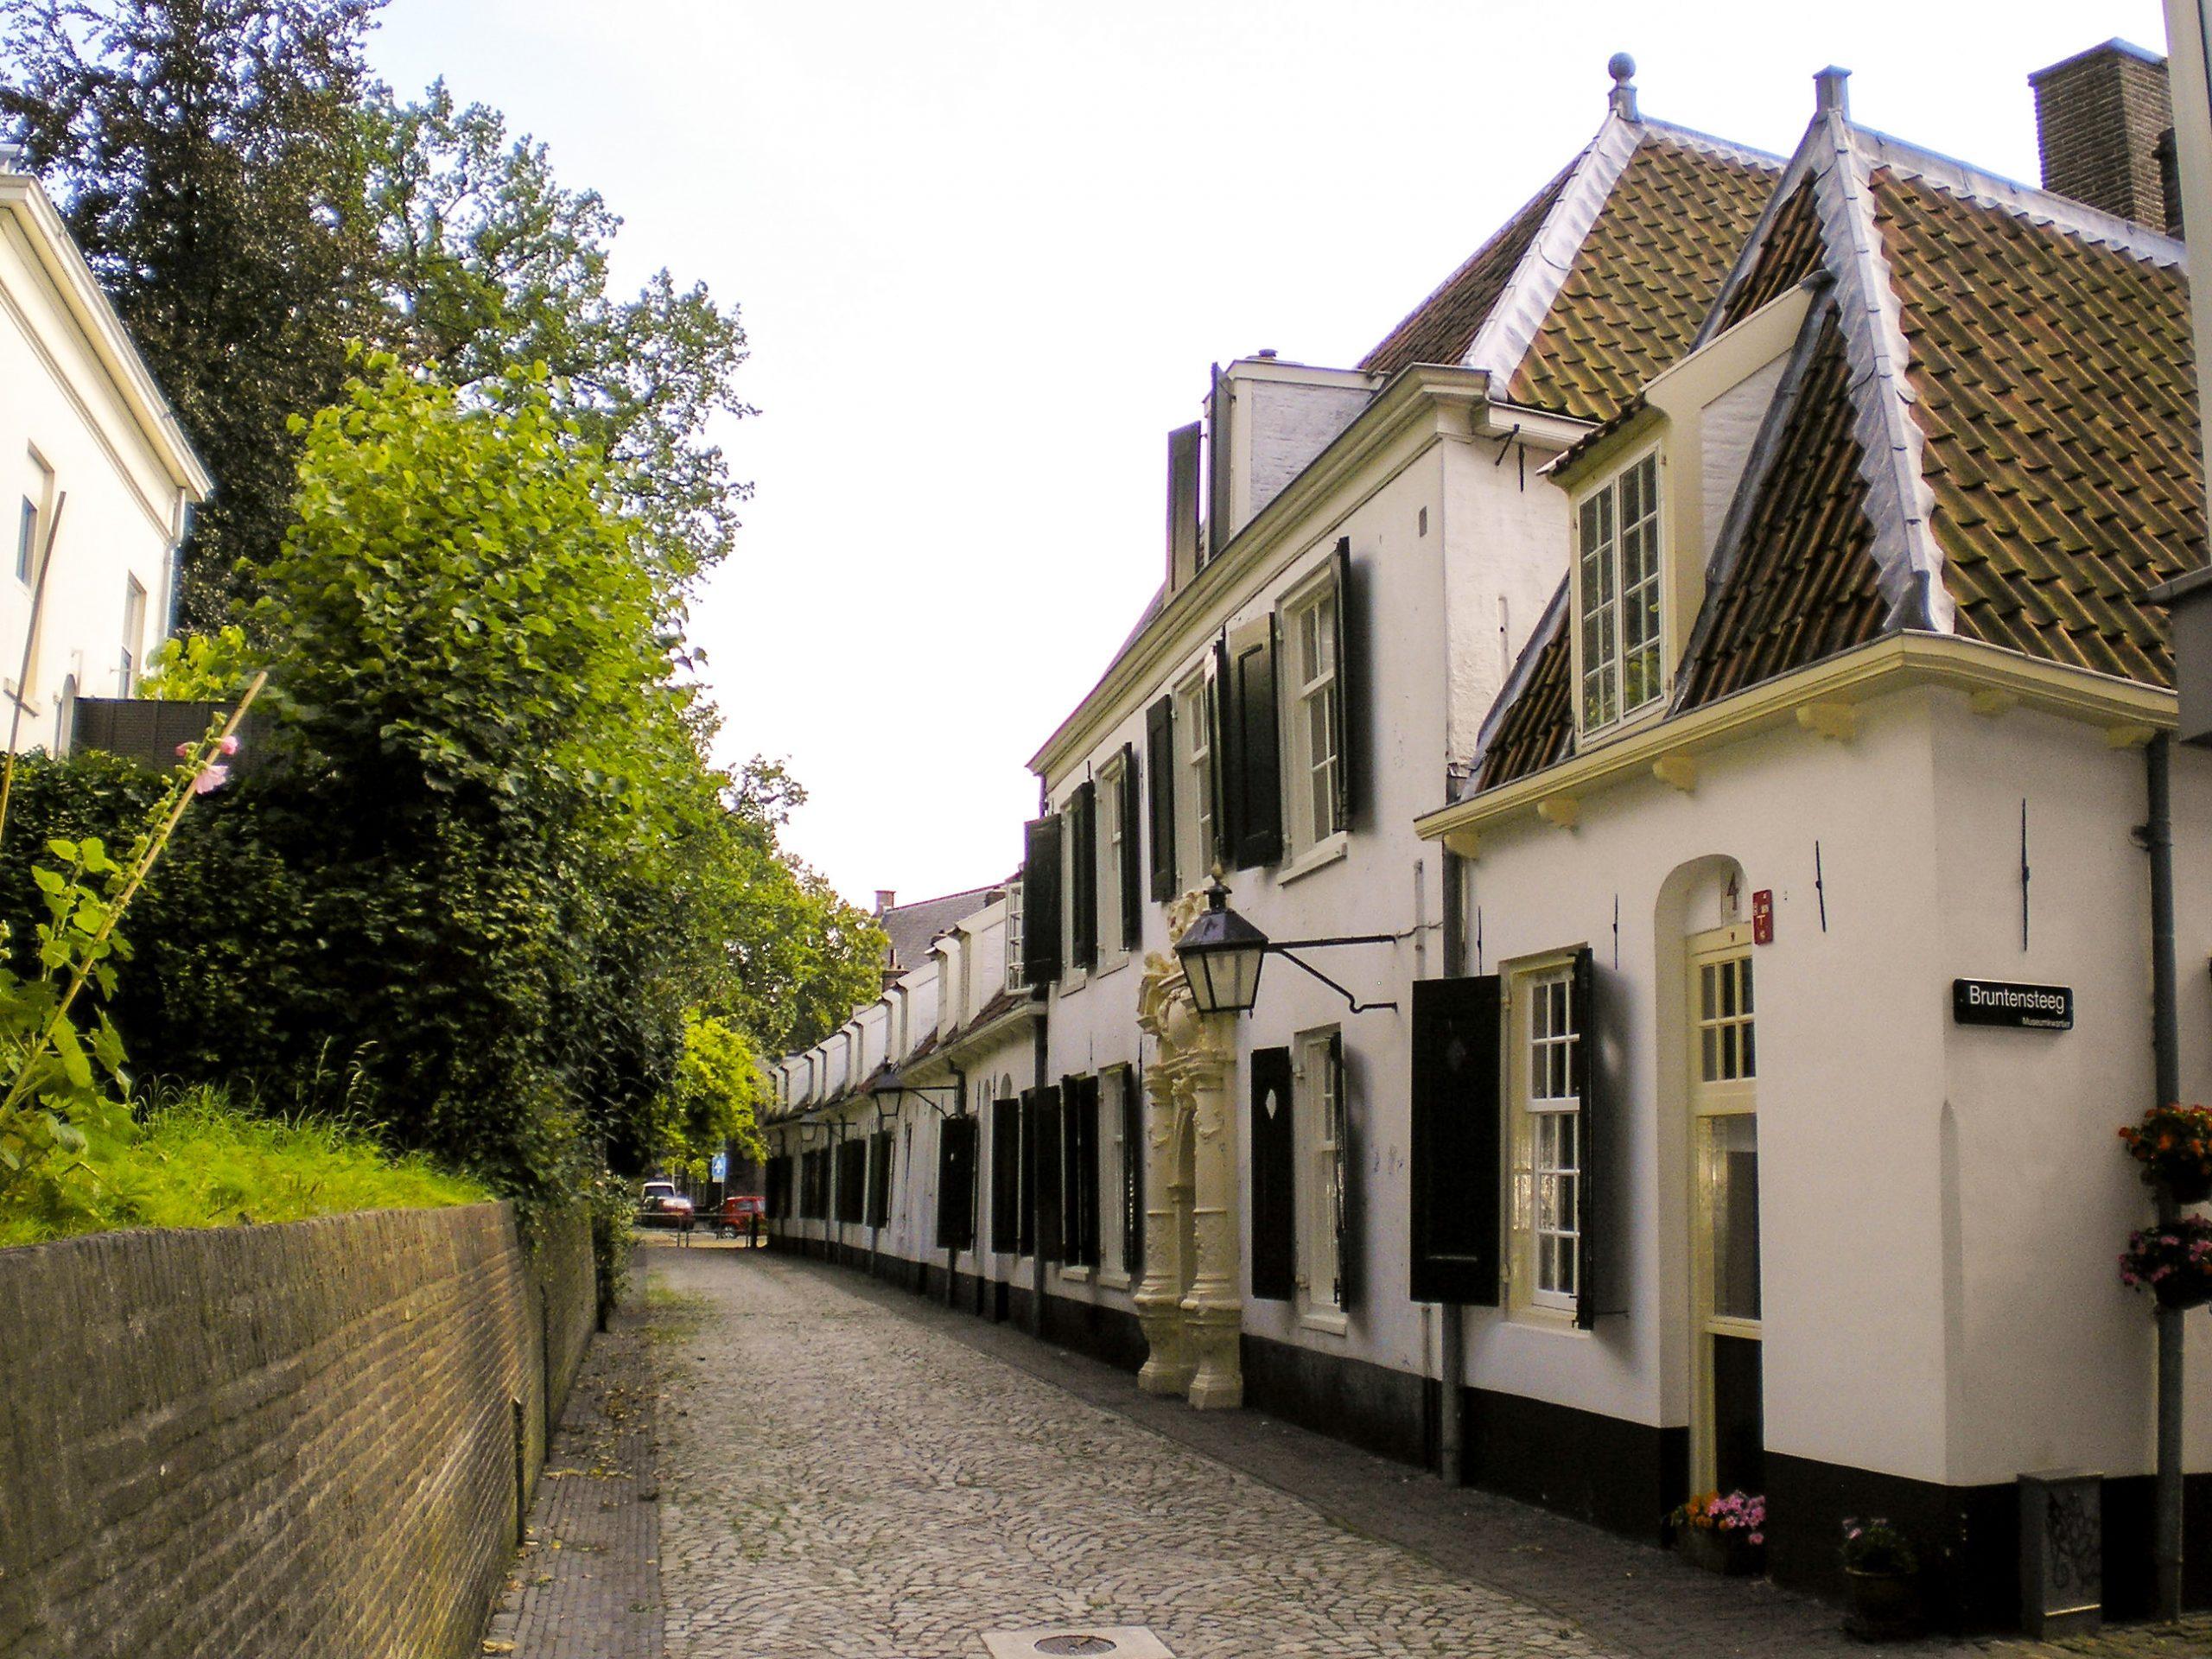 Bruntenhof Museumkwartier Utrecht